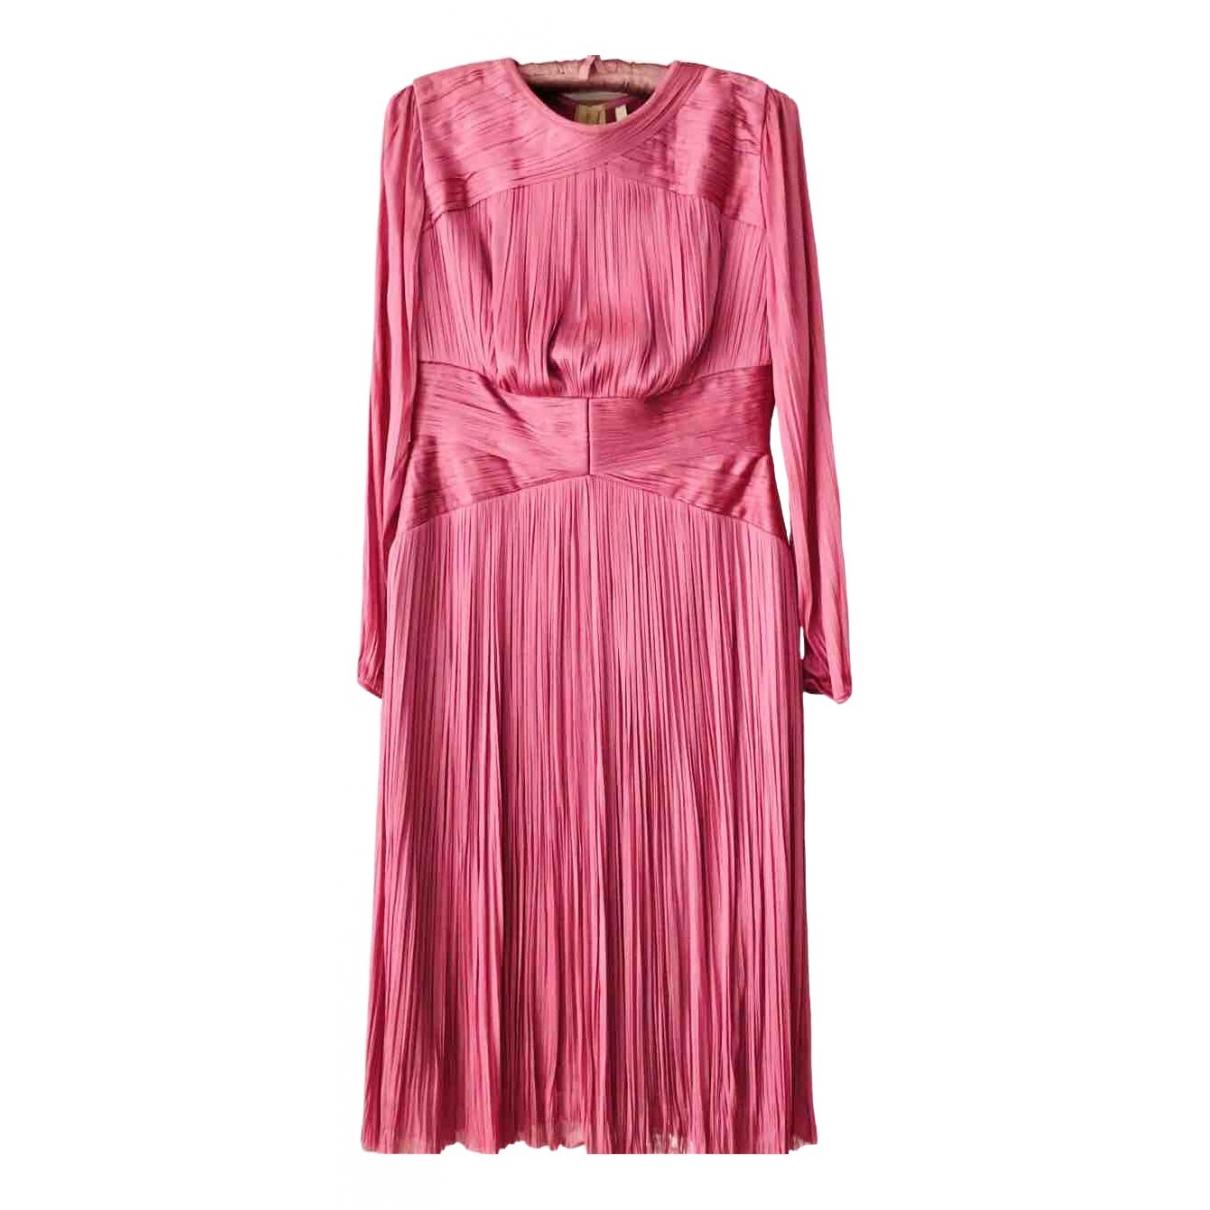 Maria Lucia Hohan \N Kleid in  Rosa Seide